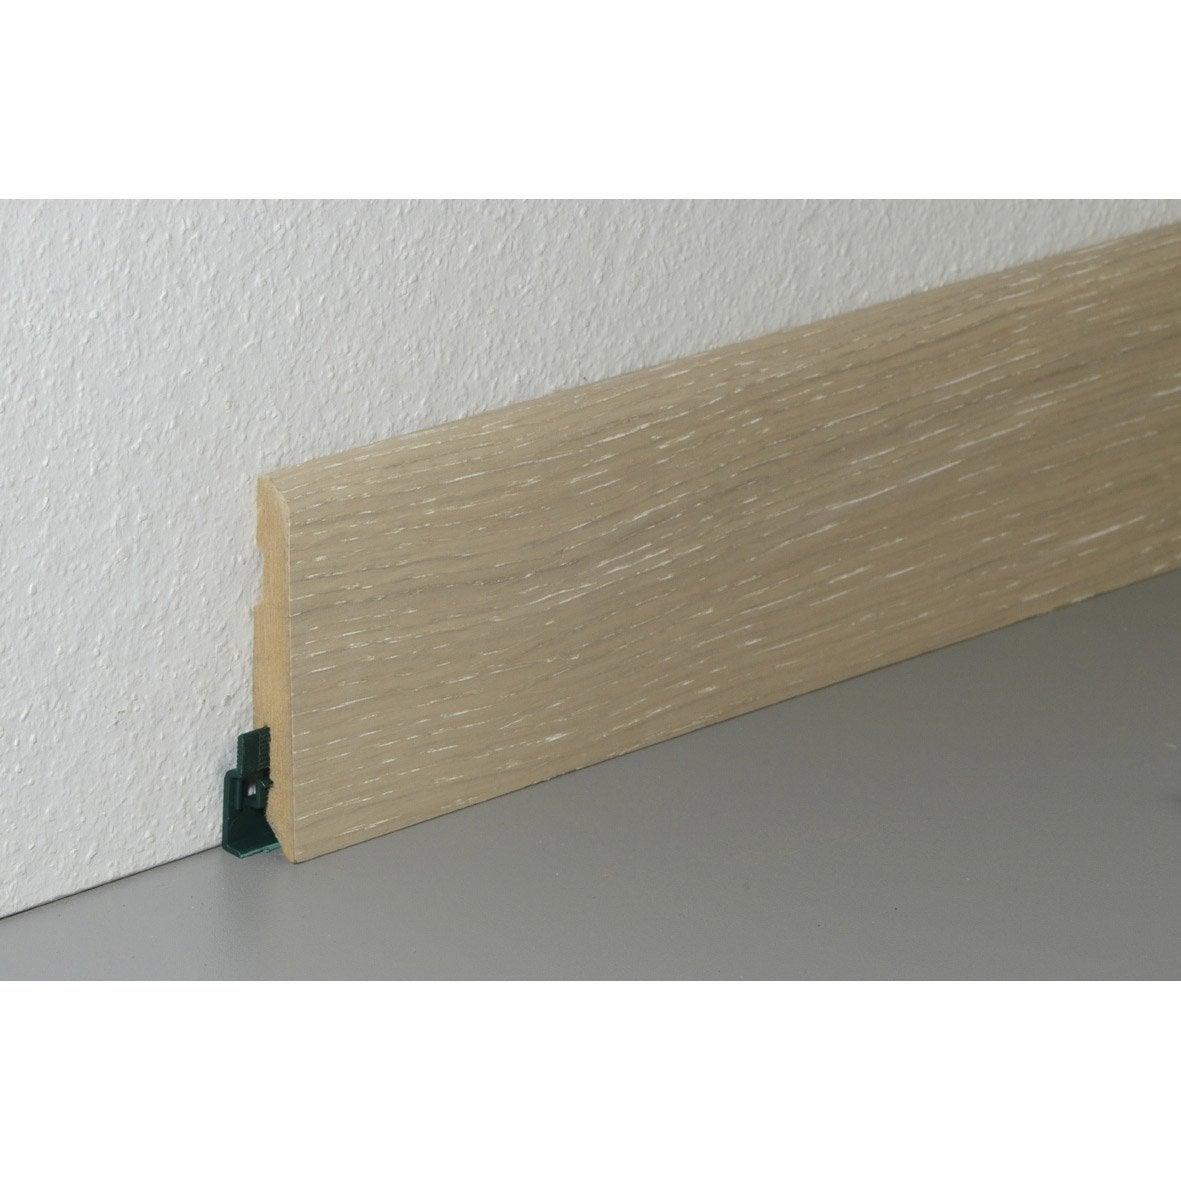 Planche chene blanchi dans un couloir le sol est - Planche chene leroy merlin ...